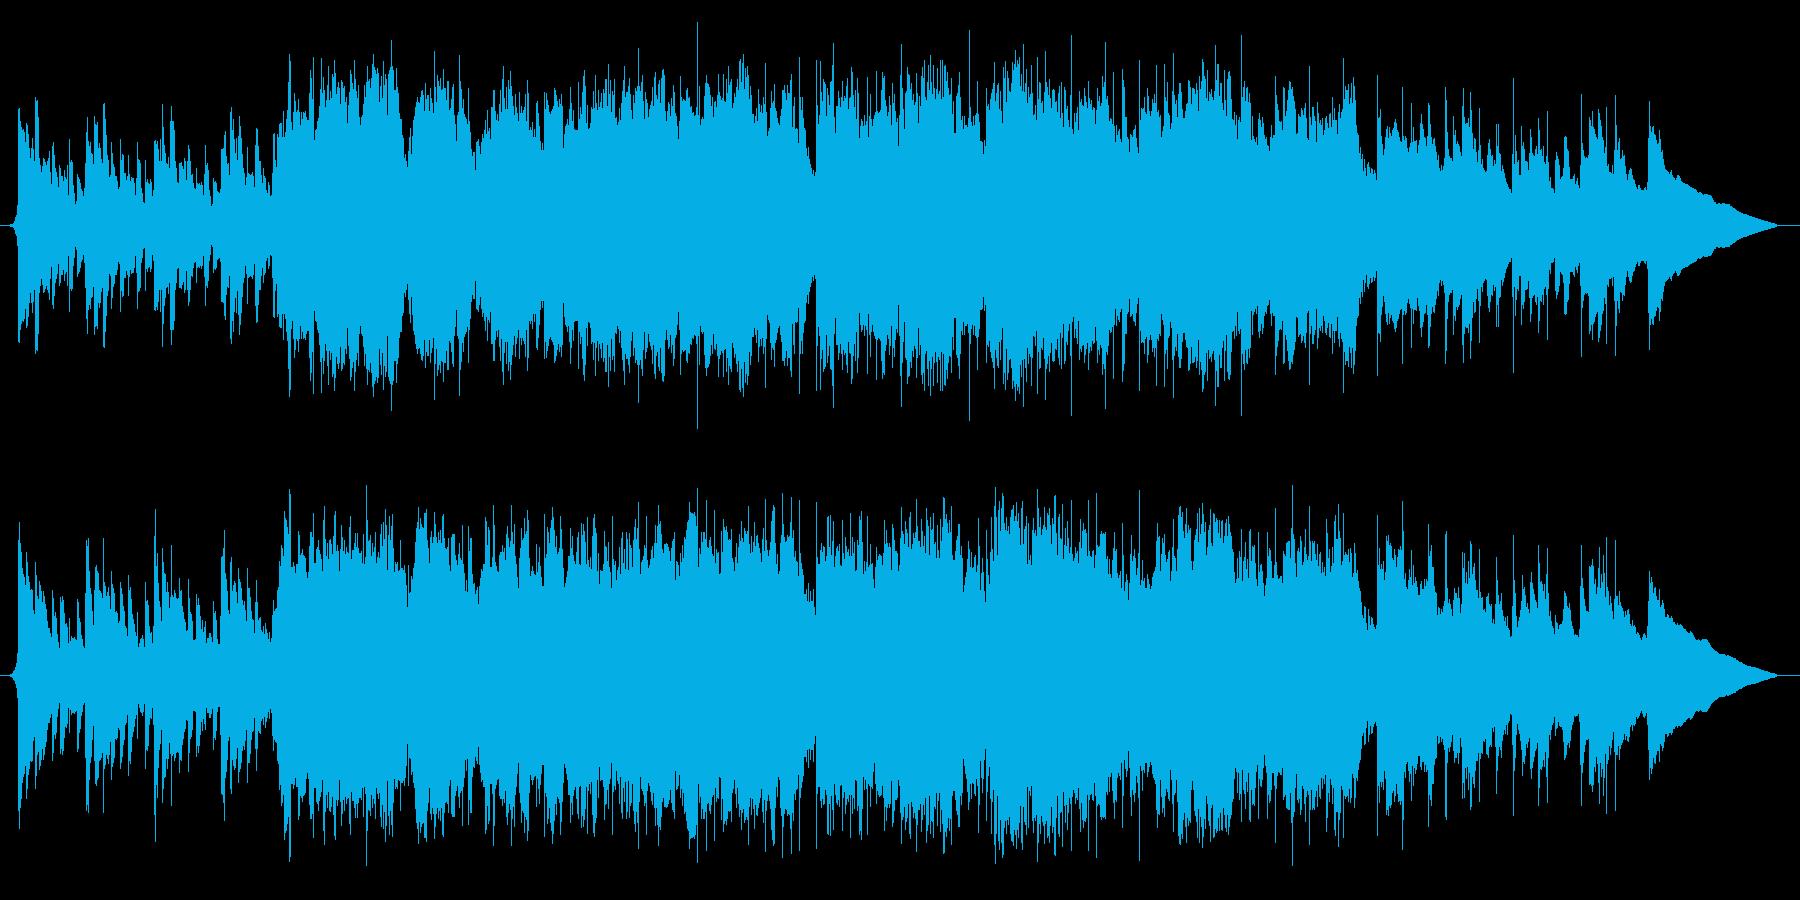 Antiqueの再生済みの波形